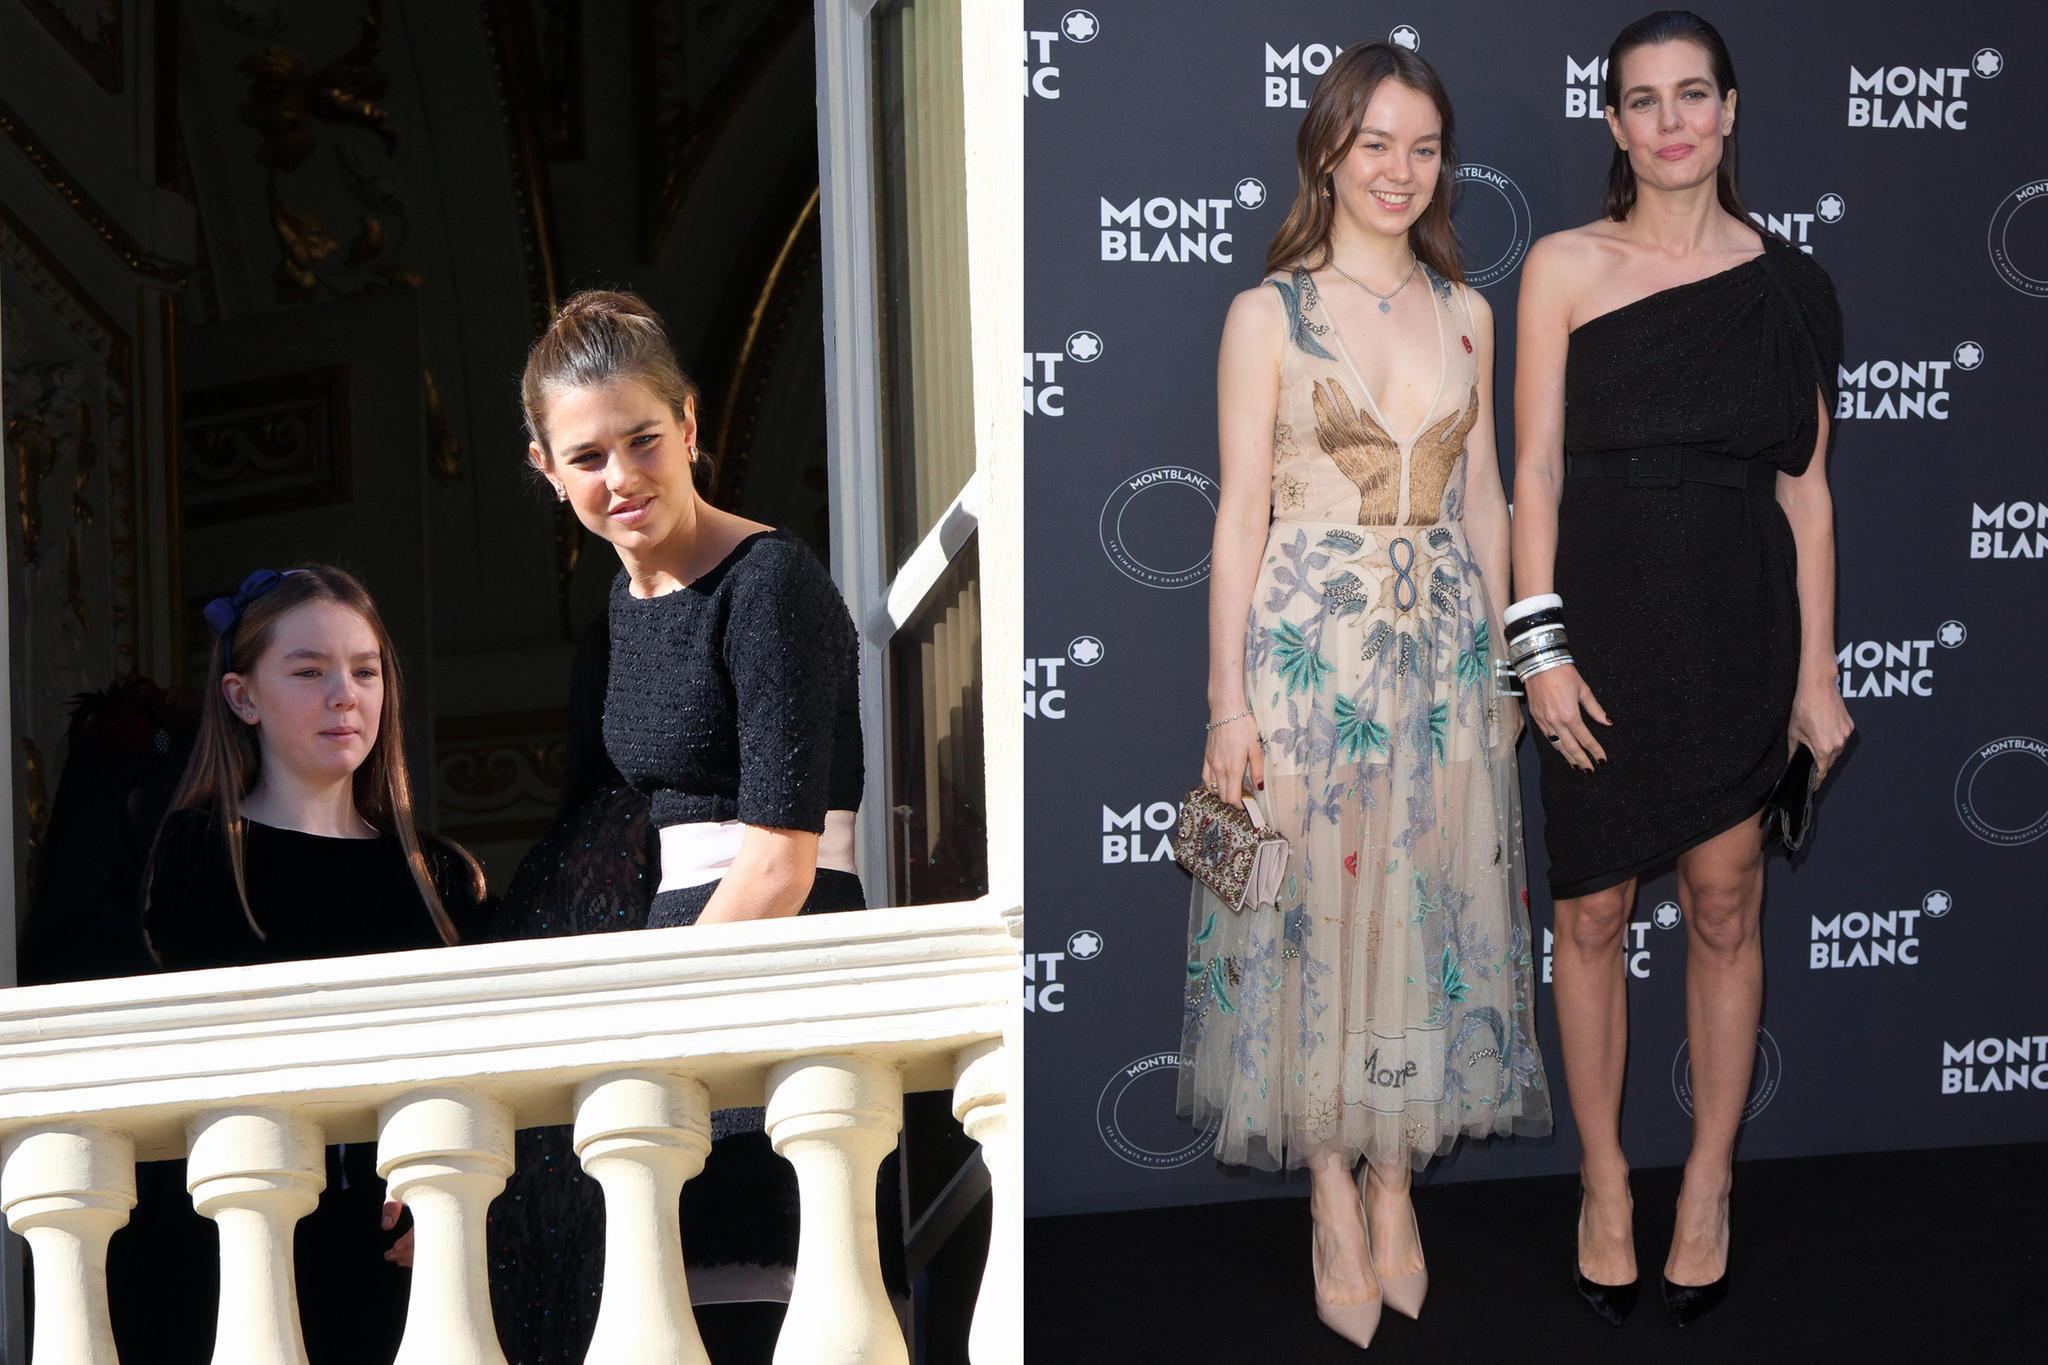 Als 11-Jährige steht Alexandra von Hannover noch im Schatten. Heute strahlt sie mindestens genauso schön wie ihre Halbschwester Charlotte Casiraghi.